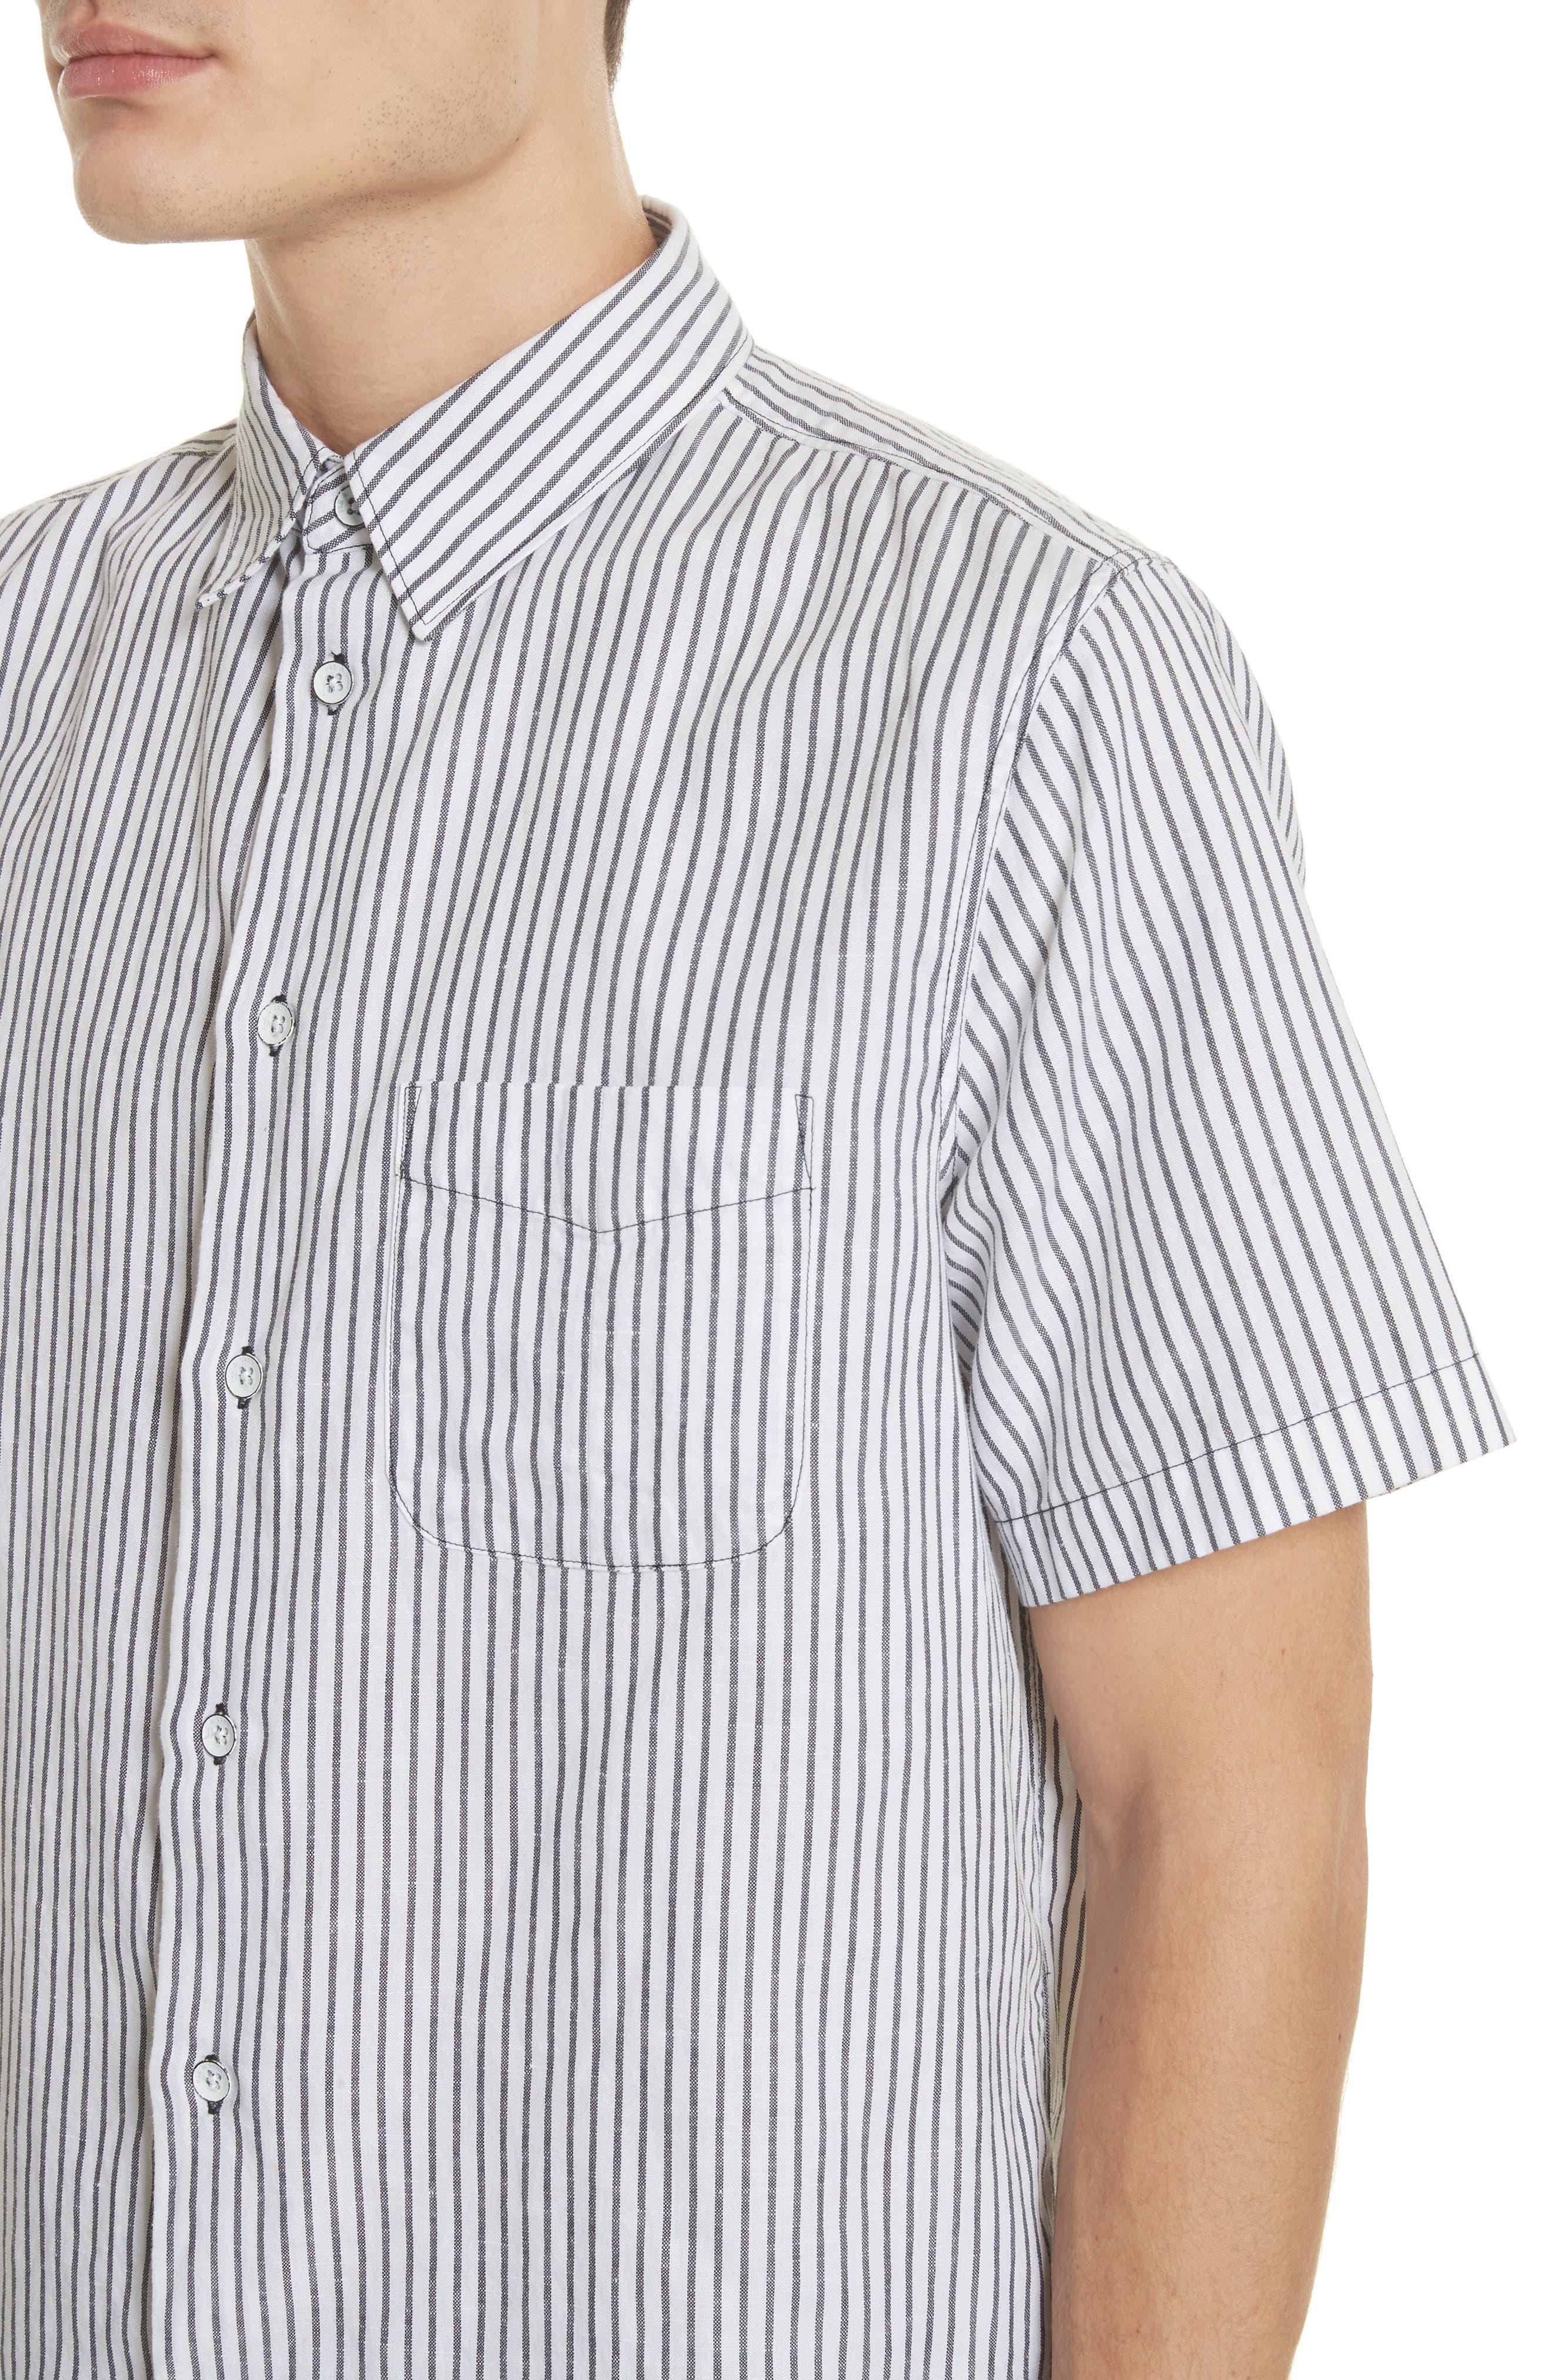 Stripe Short Sleeve Sport Shirt,                             Alternate thumbnail 4, color,                             195